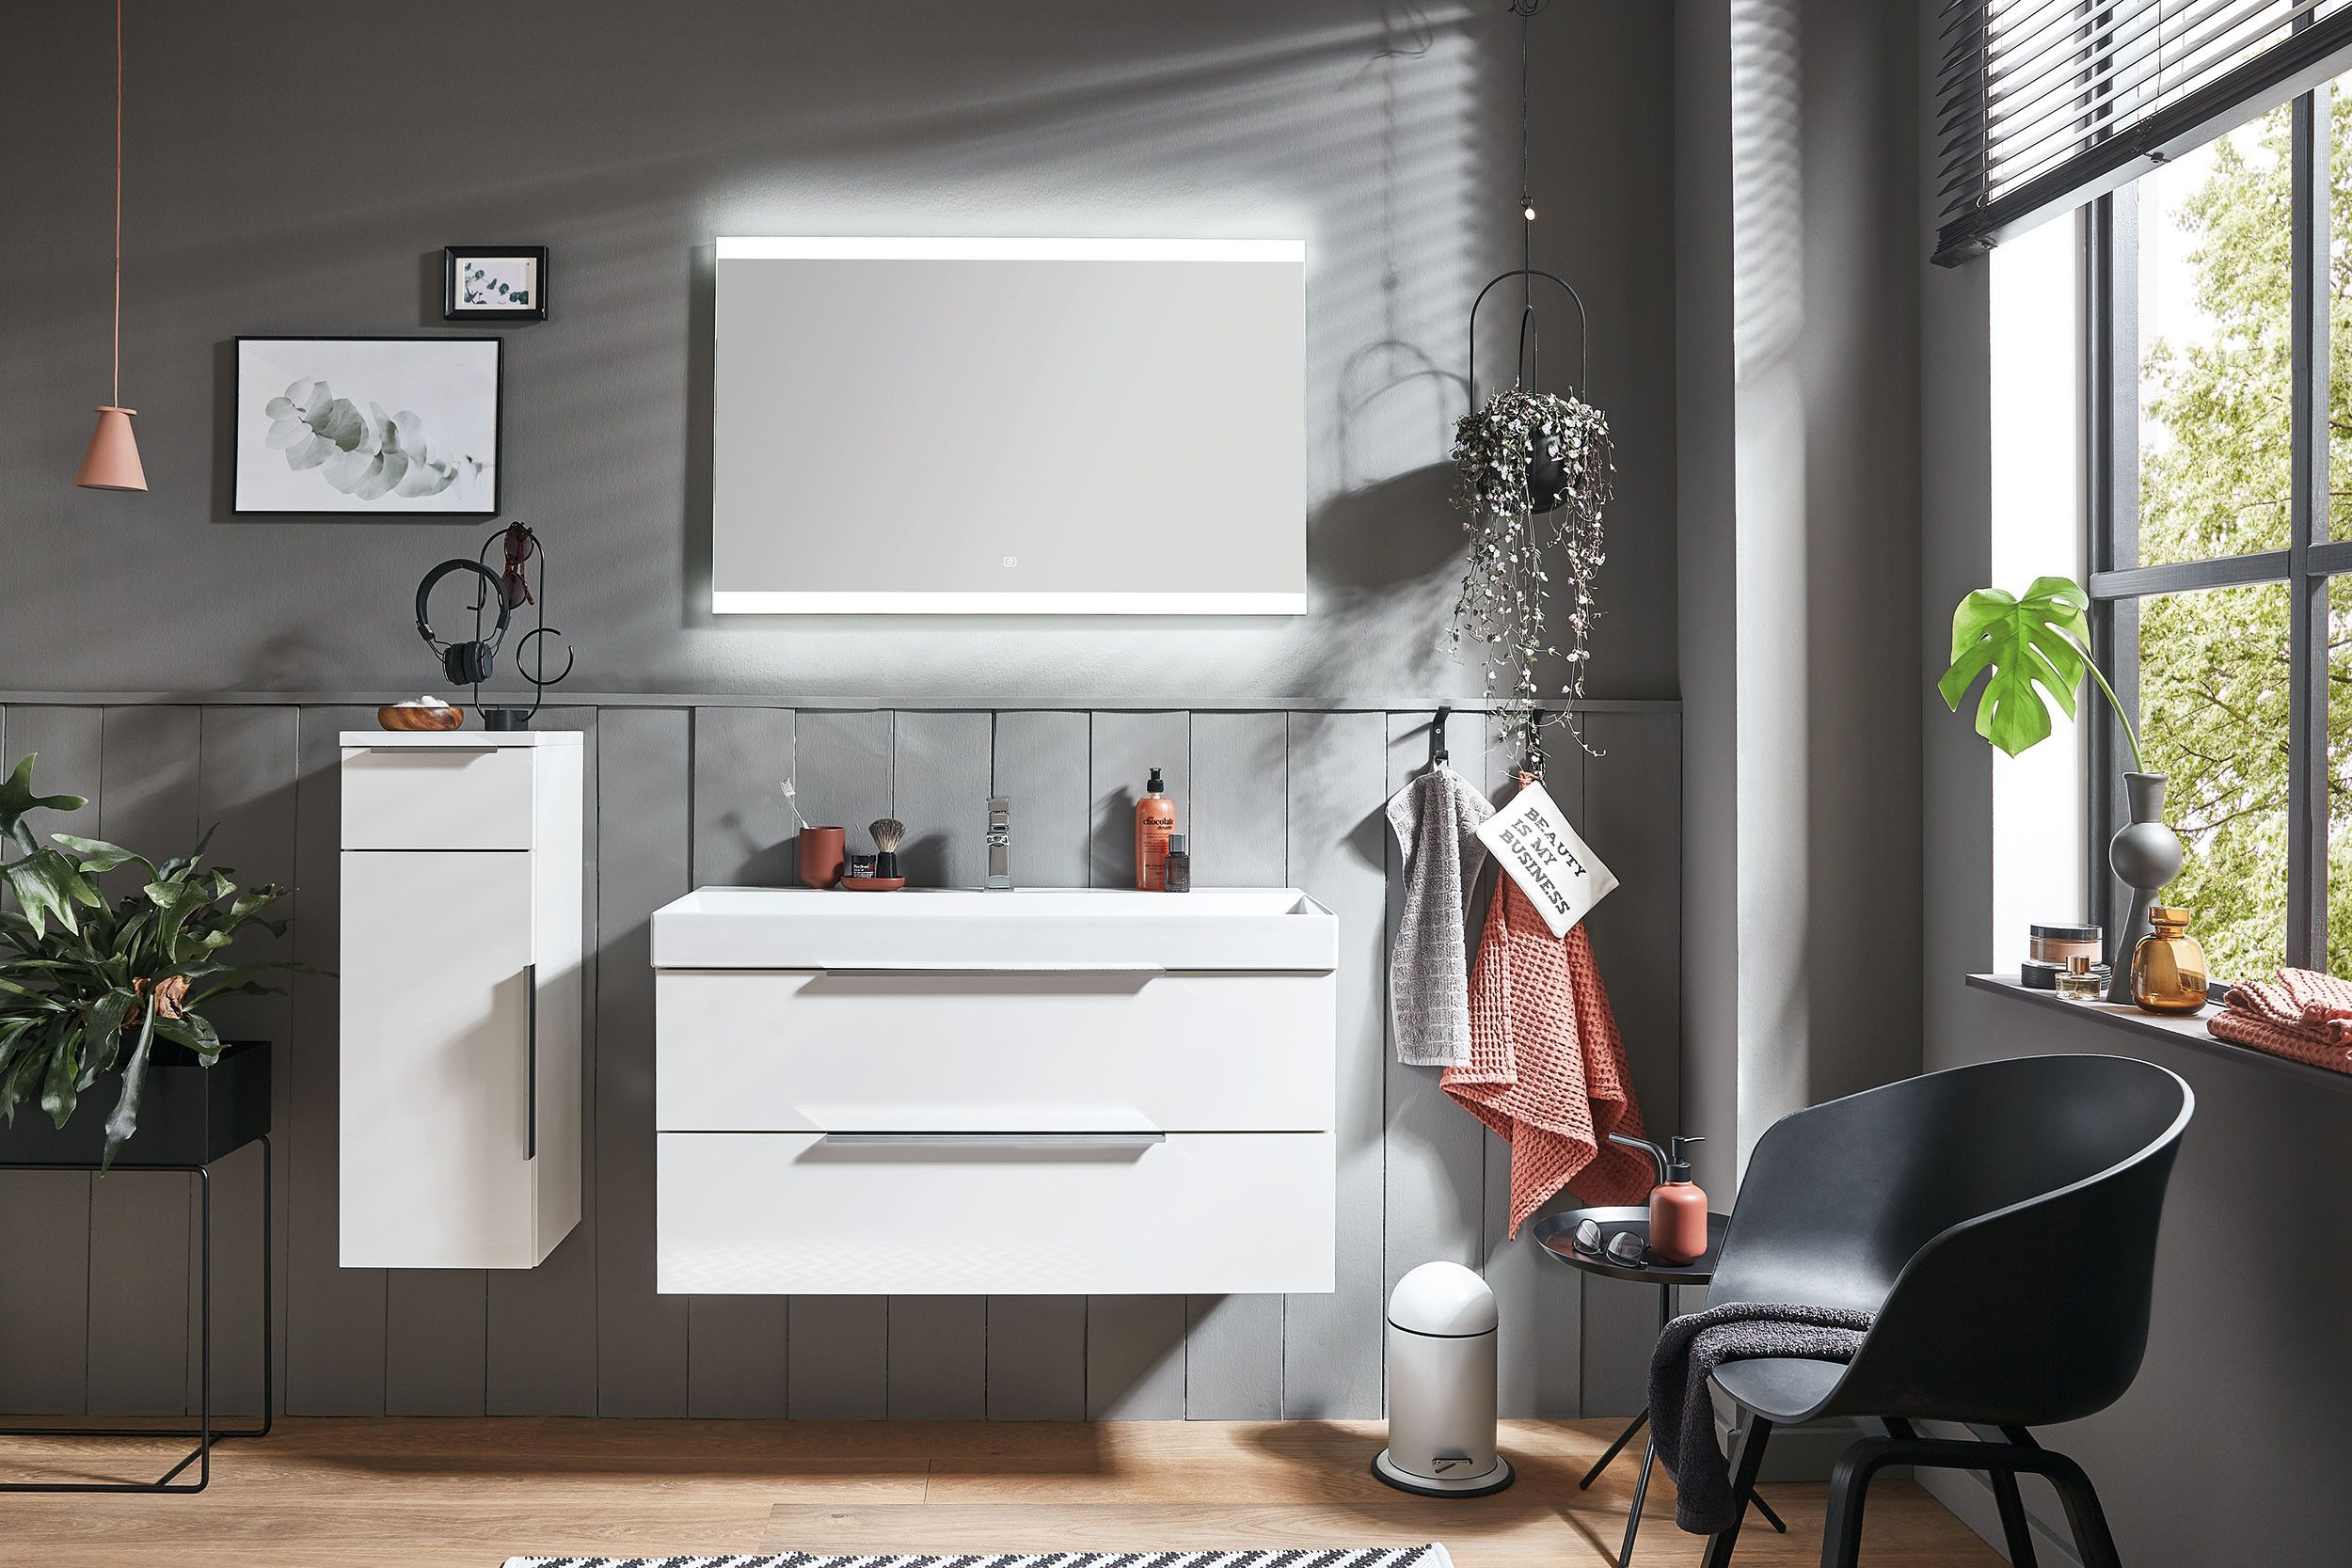 Puris Badezimmer 4landa In Weiss Hochglanz In 2020 Badezimmereinrichtung Badezimmer Raumgestaltung